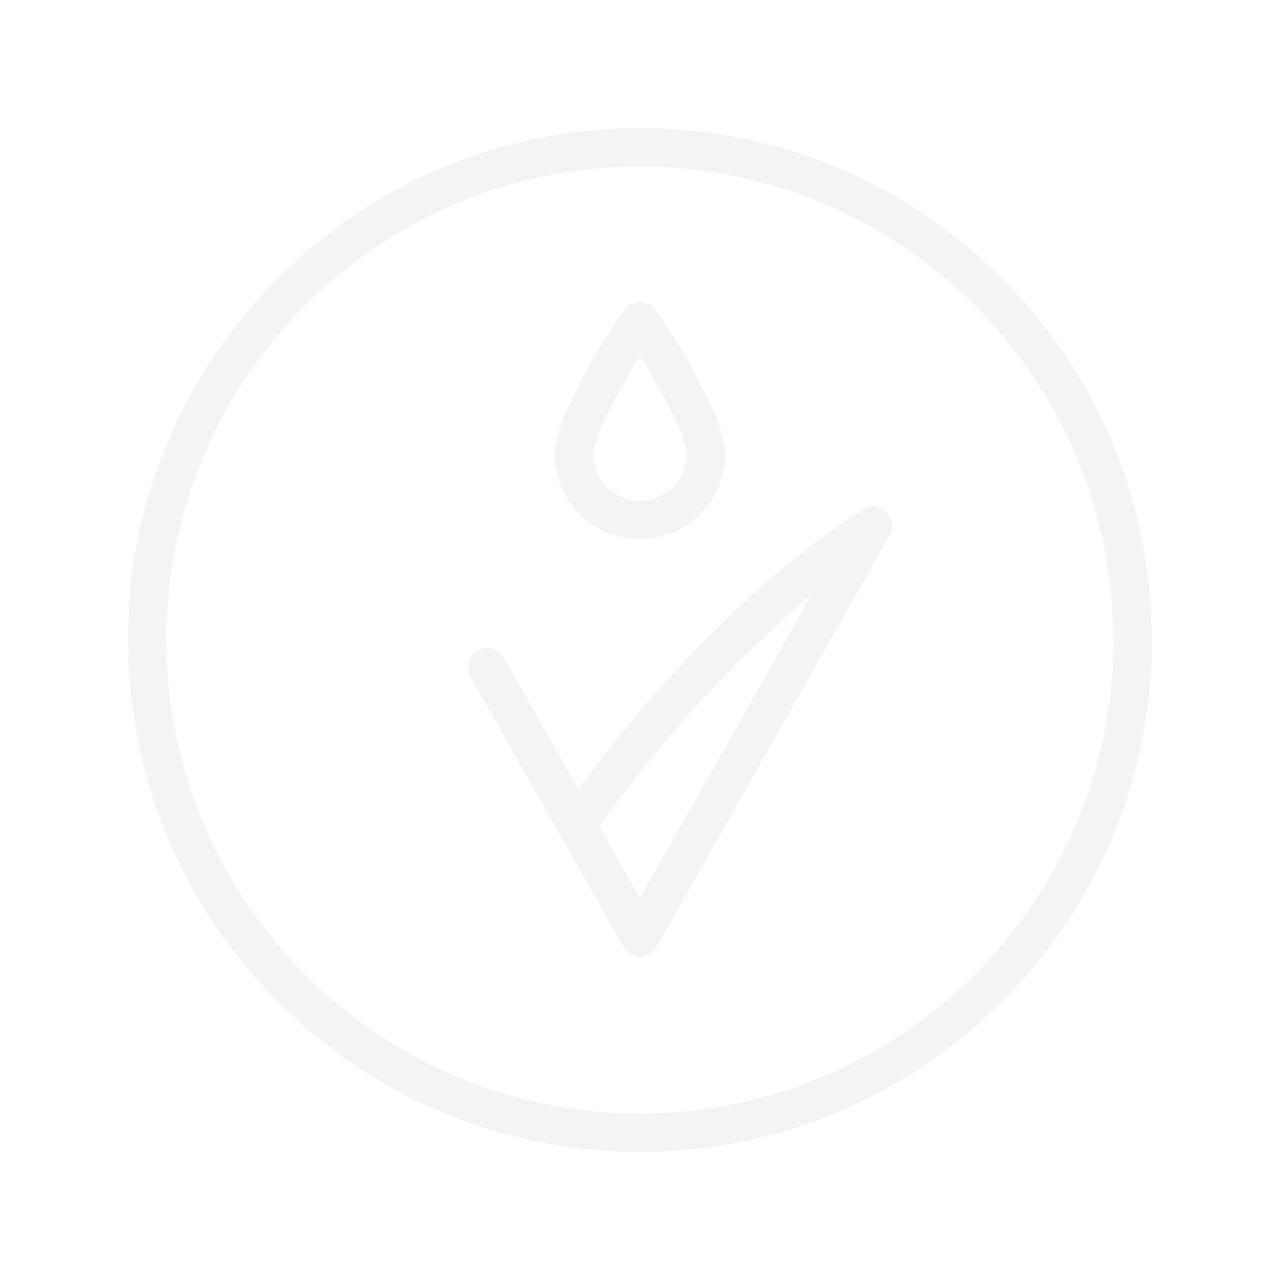 Dolce & Gabbana Dolce Floral Drops Eau De Toilette